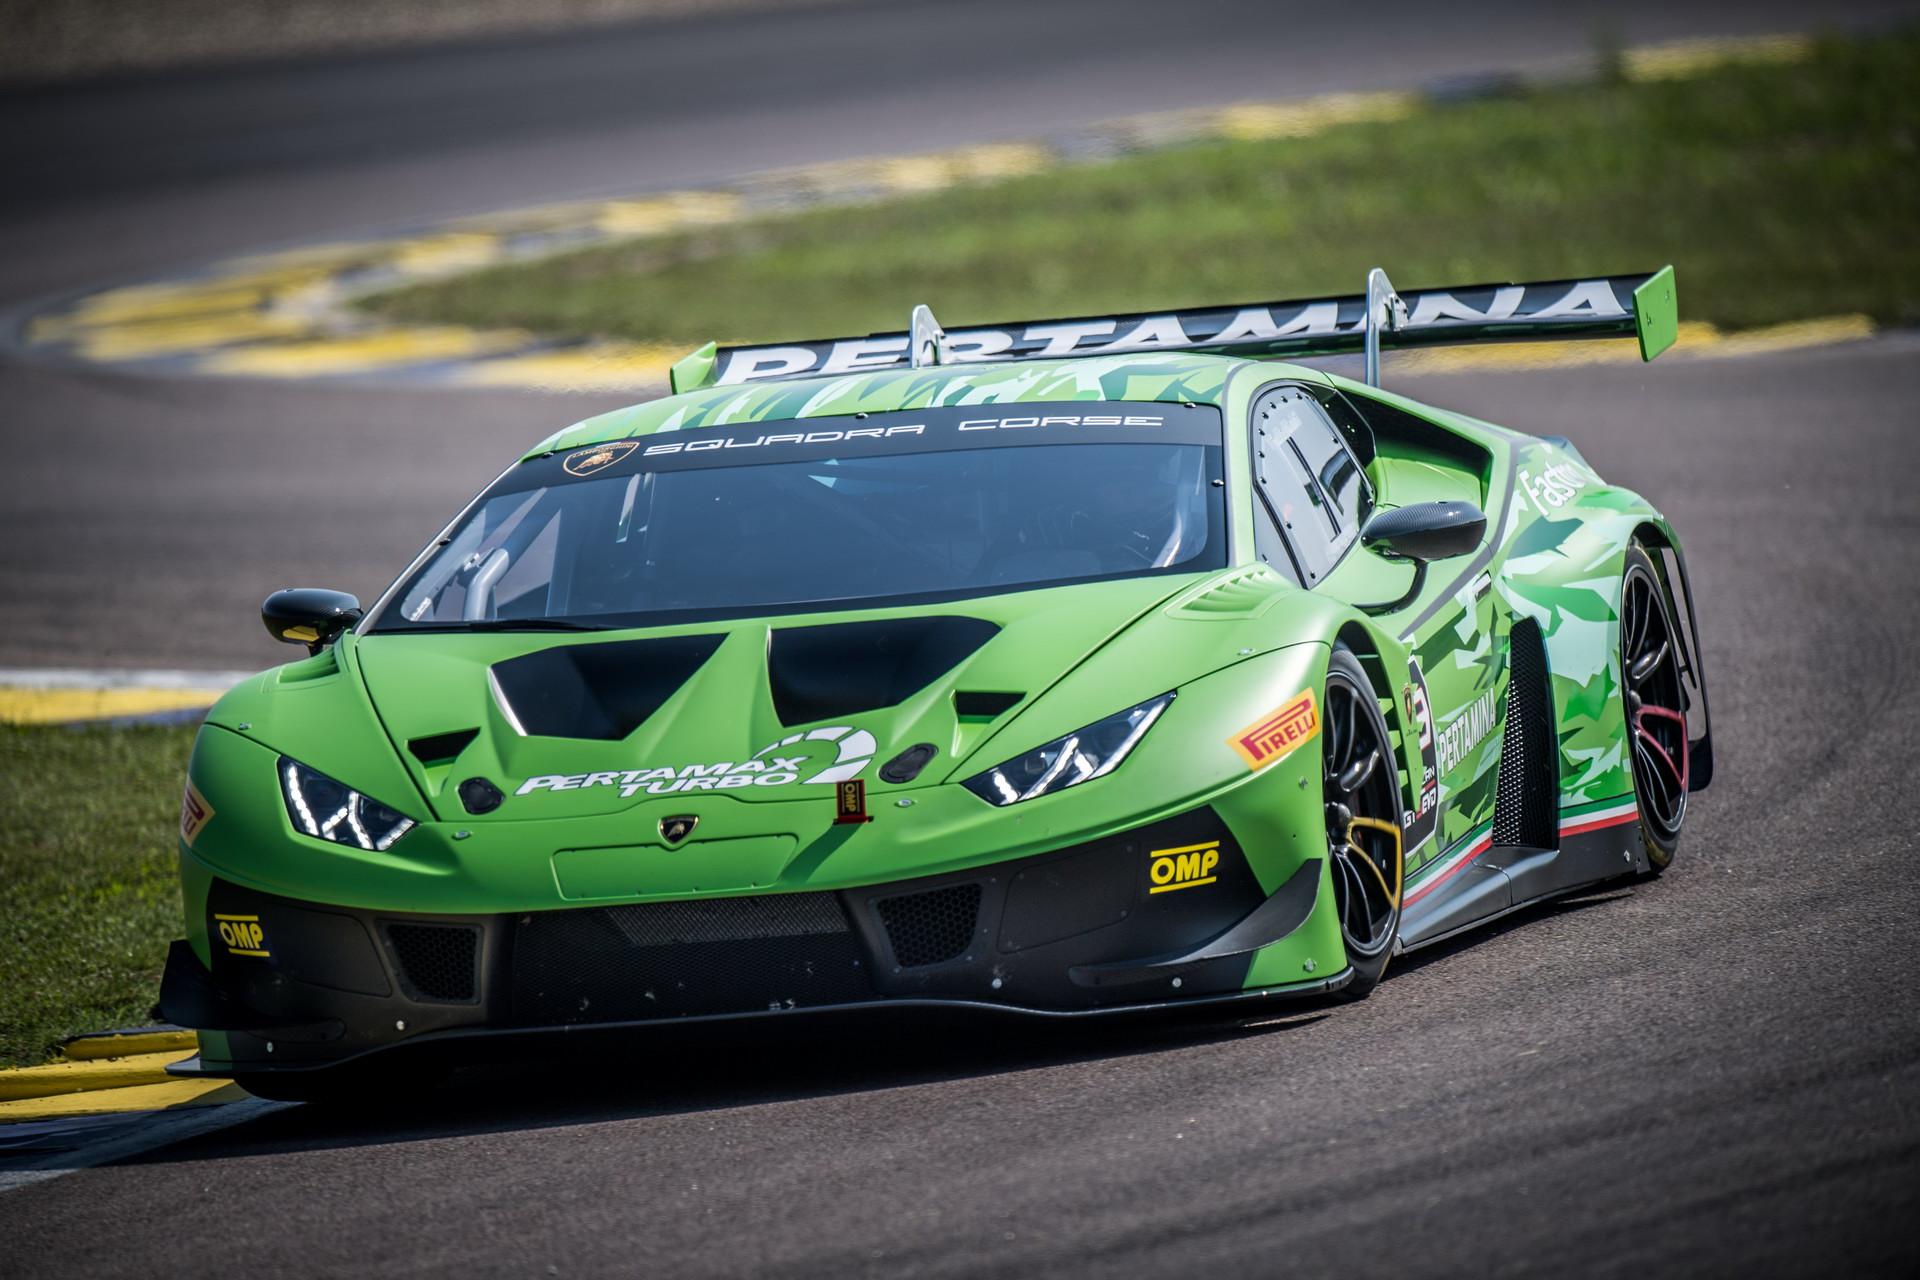 Xe-đua-Lamborghini-Huracan-thứ-400 (3).jpg